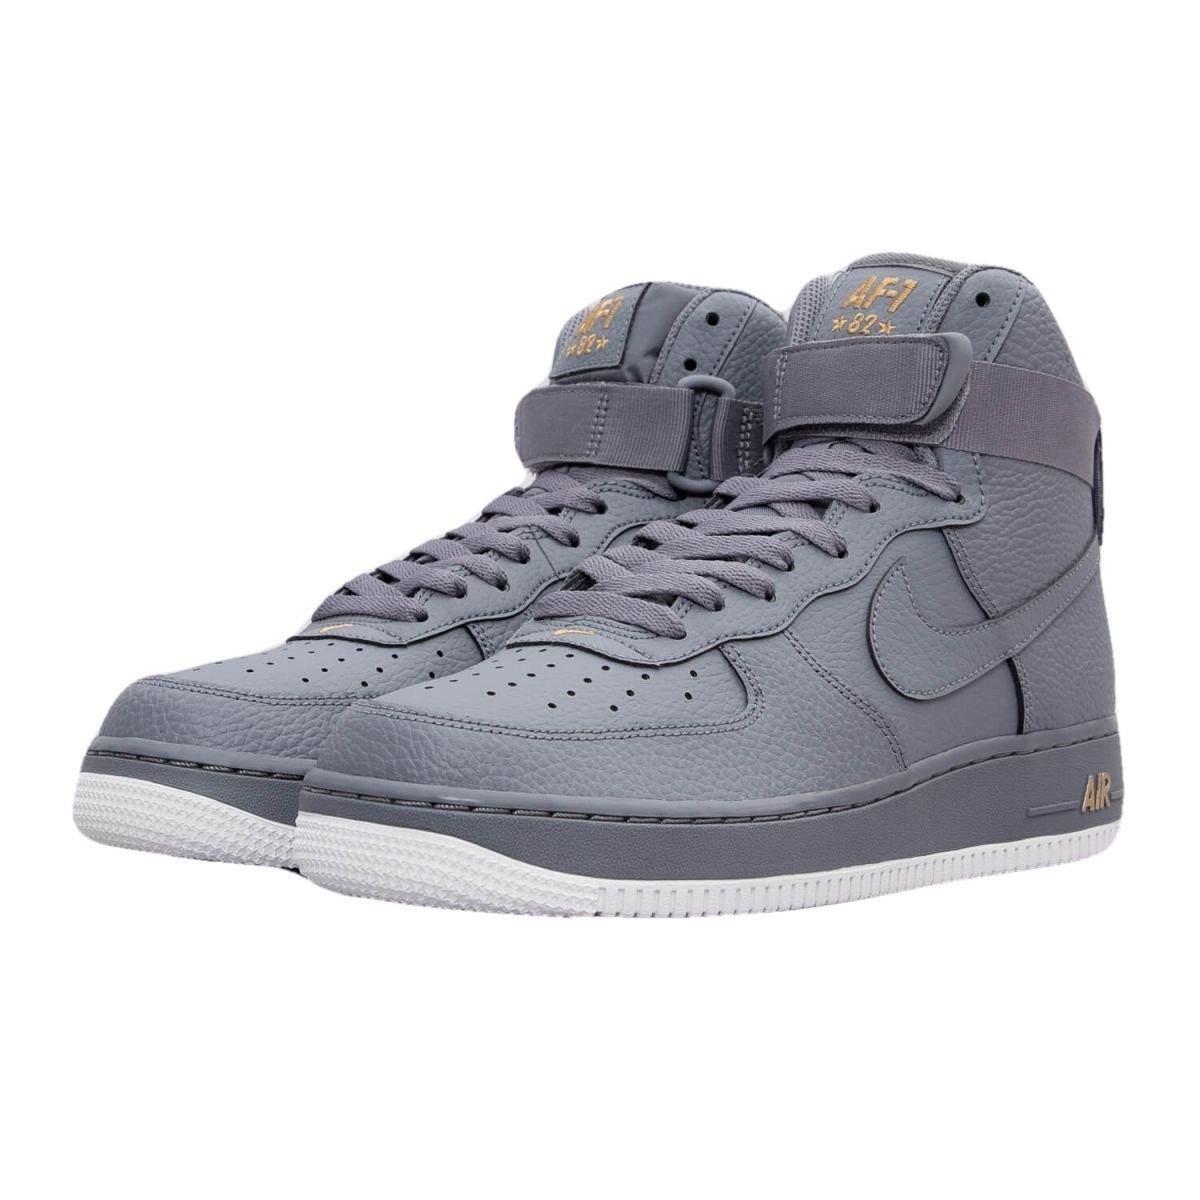 huge selection of 33079 5e8c0 La basket de la NBA. La Nike Air Force 1 ...